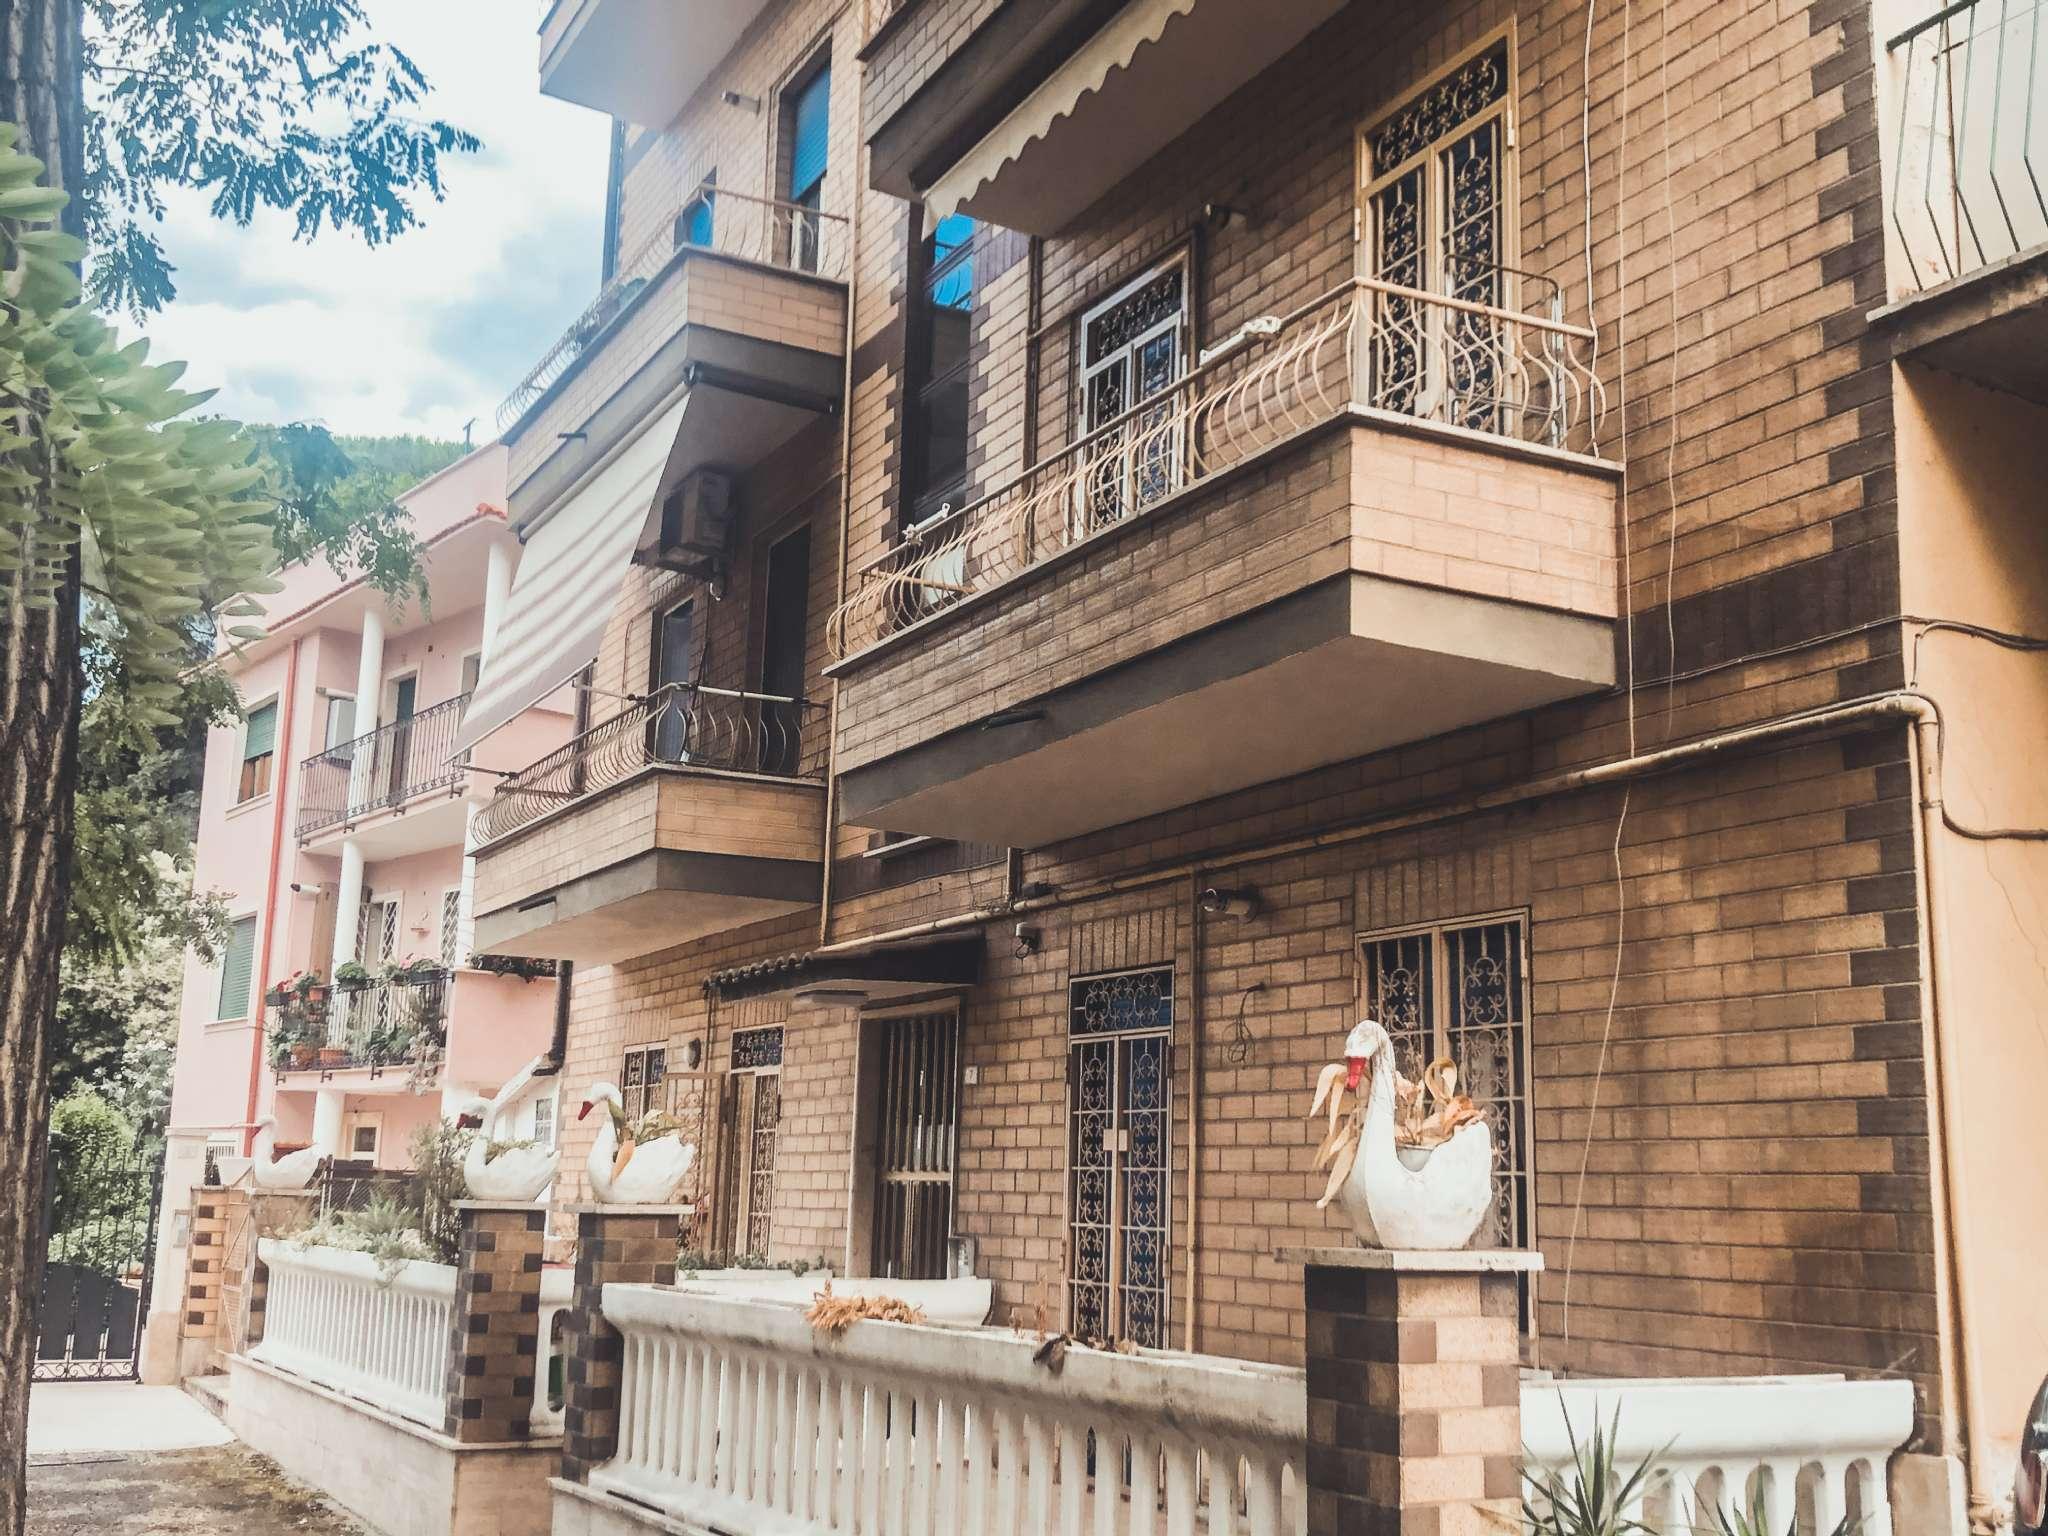 Appartamento in vendita a Tivoli, 3 locali, prezzo € 109.000 | CambioCasa.it